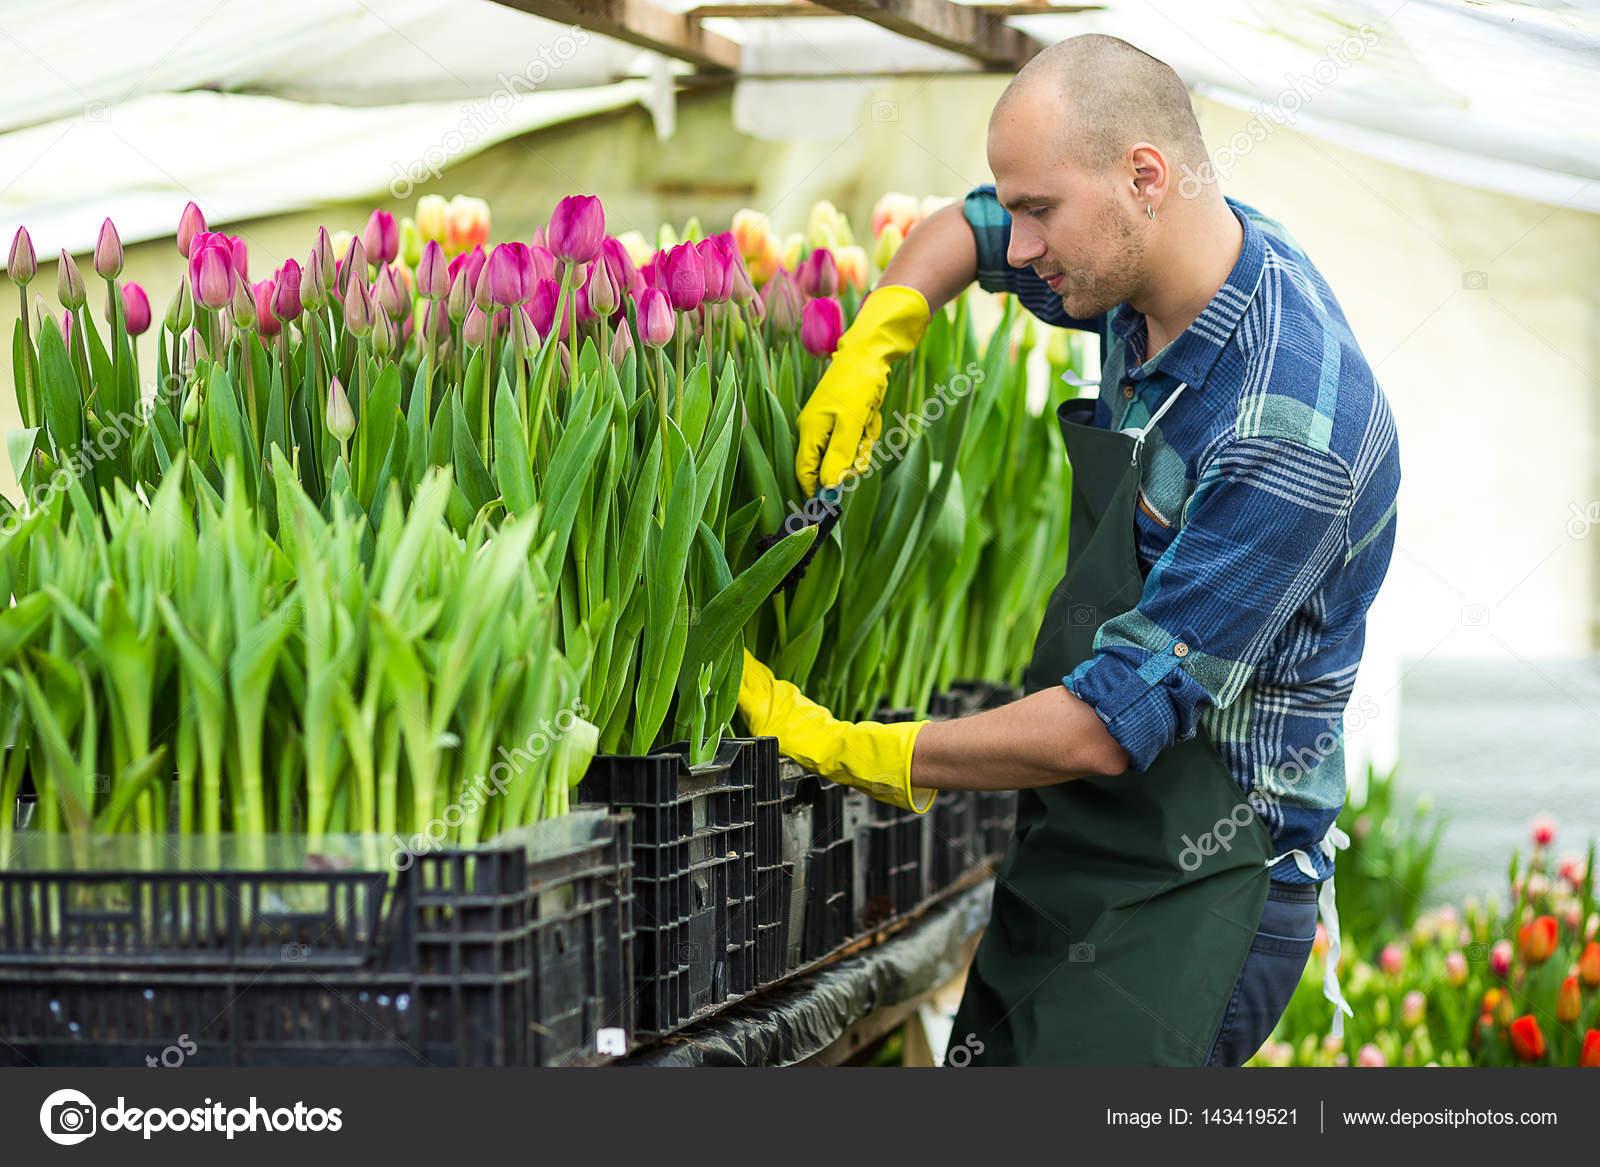 Jardinero de hombre con herramientas de jard n en el for Trabajo jardinero